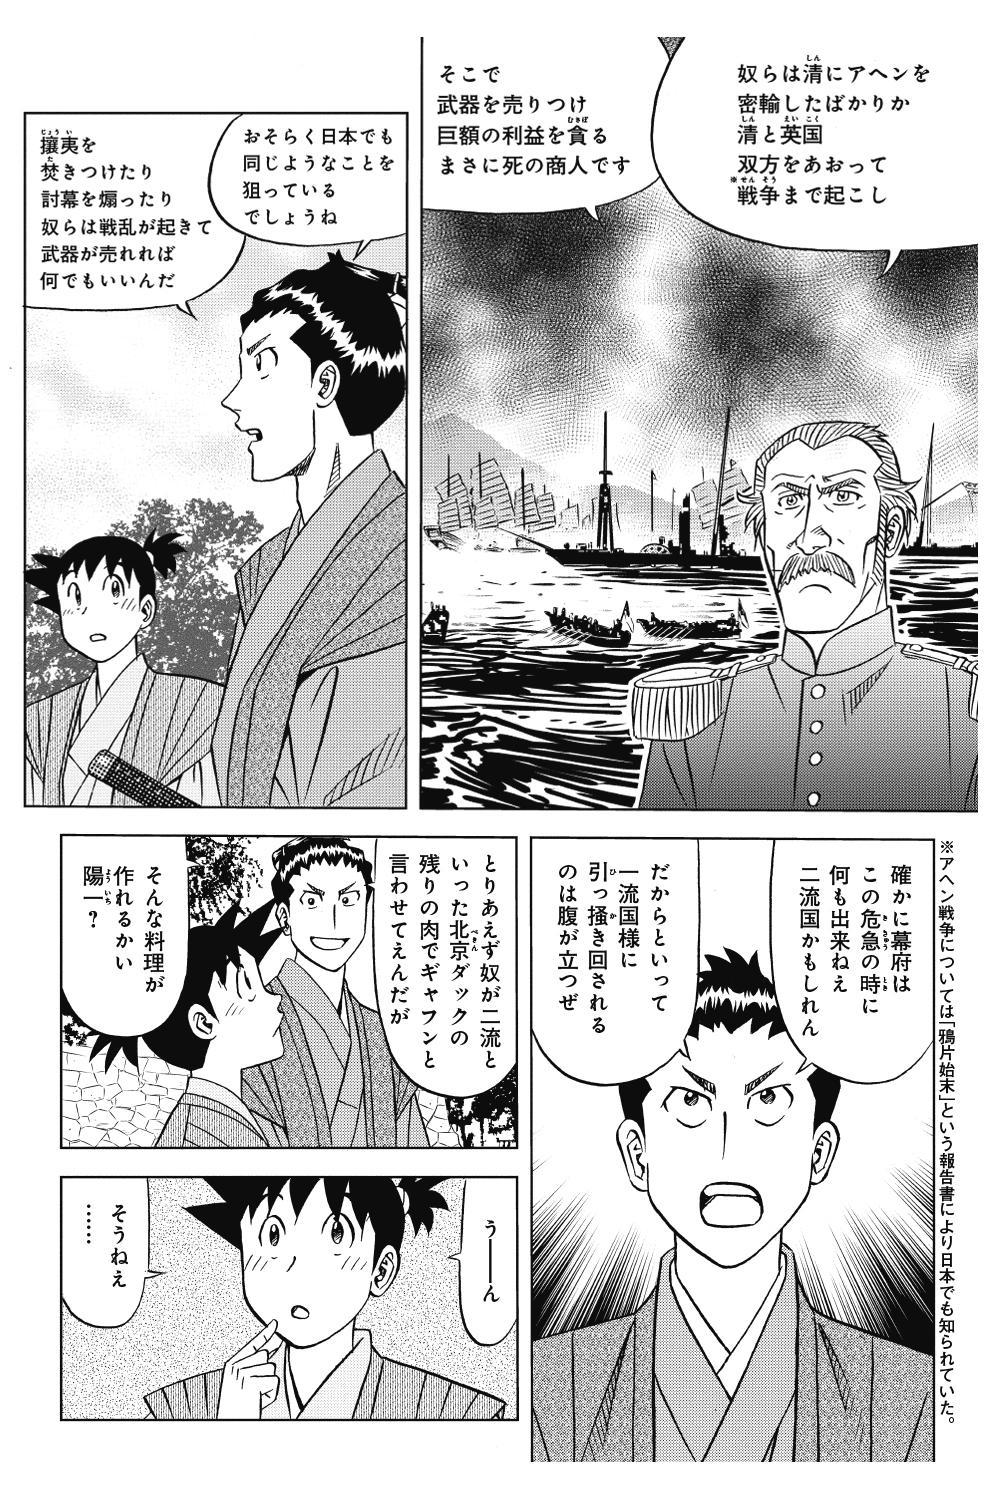 ミスター味っ子 幕末編 第2話「列強襲来」①ajikko2-1-19.jpg